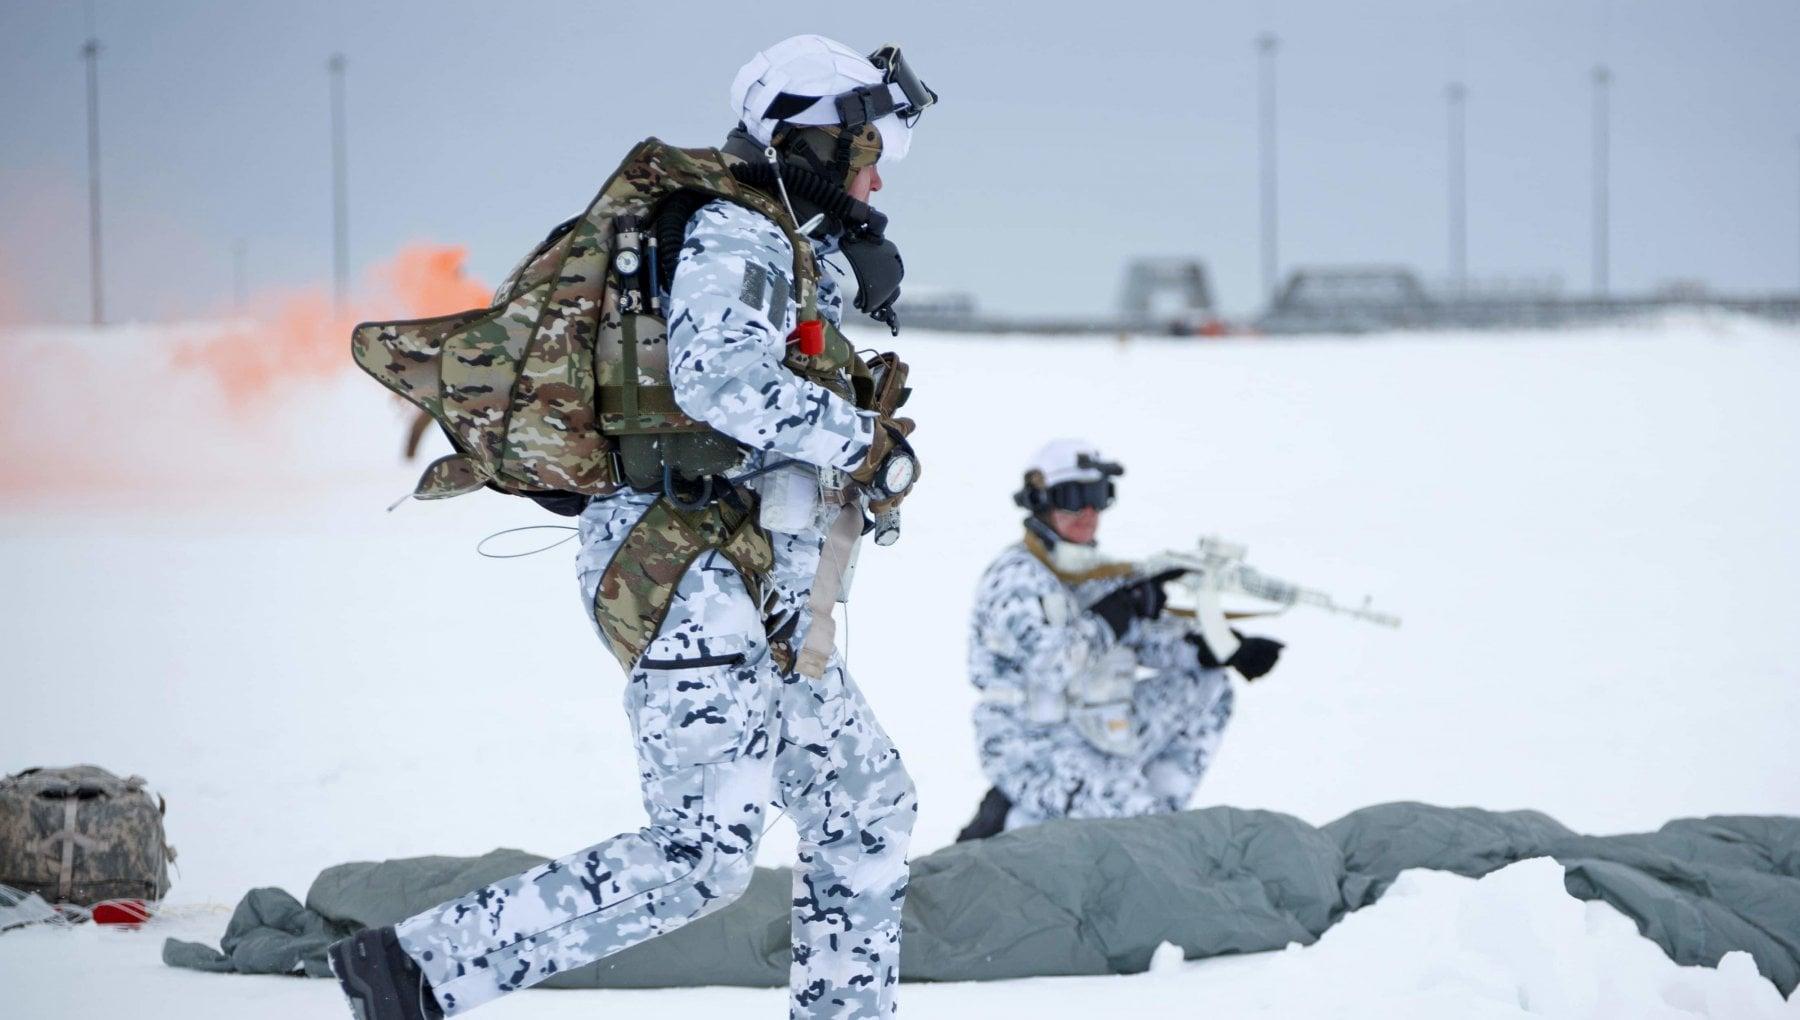 174101295 7844e34b d328 4fa4 8ff3 fa26fa7f99a6 - Winter Soldiers, ecco come si combatte per il tesoro dell'Artico